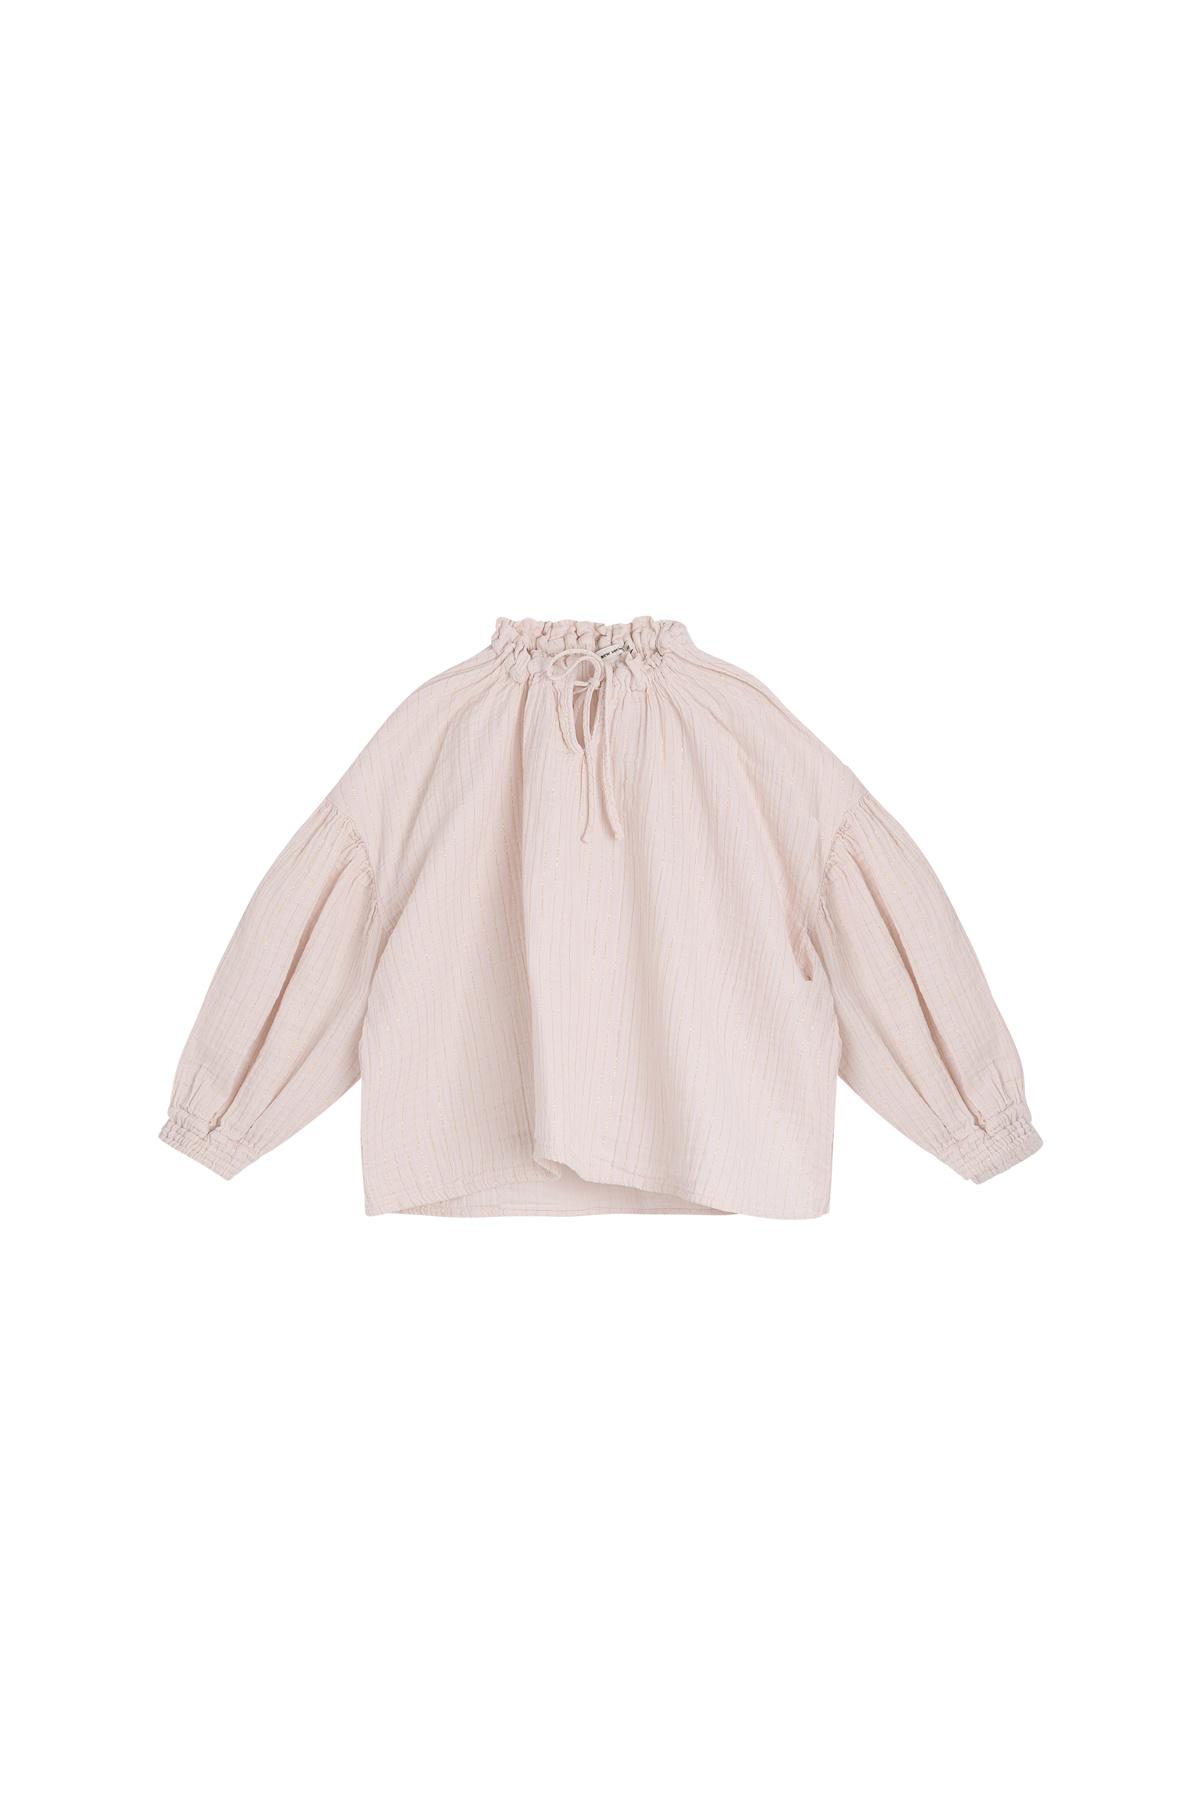 Olivia blouse - Blush-1